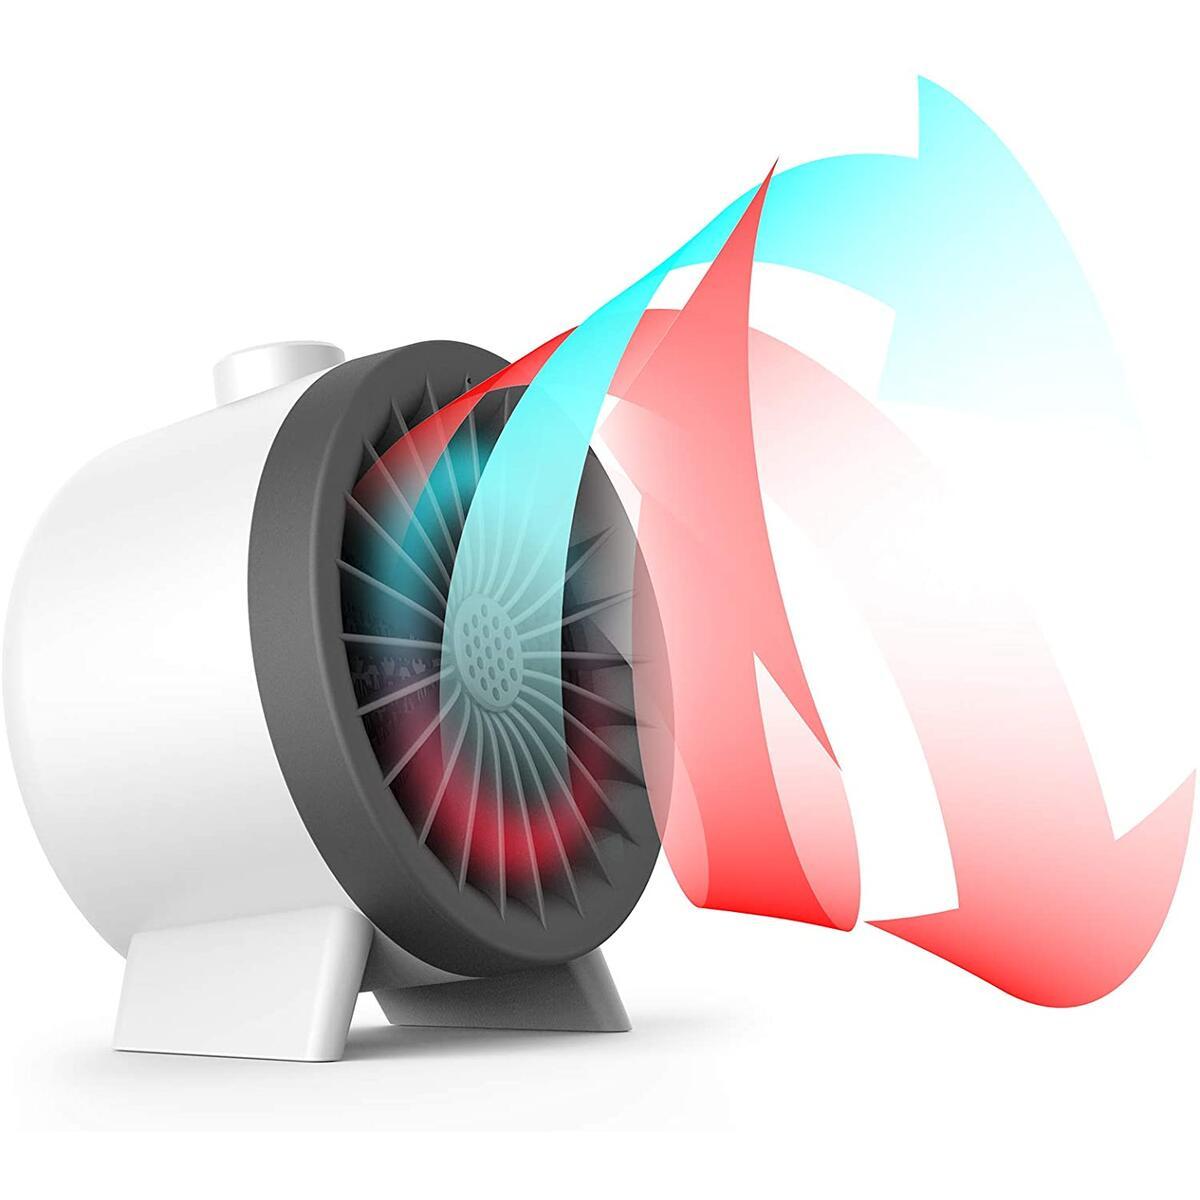 SEGOAL Small Space Heater Fan Ceramic Heater Fast Heating Desk Heater